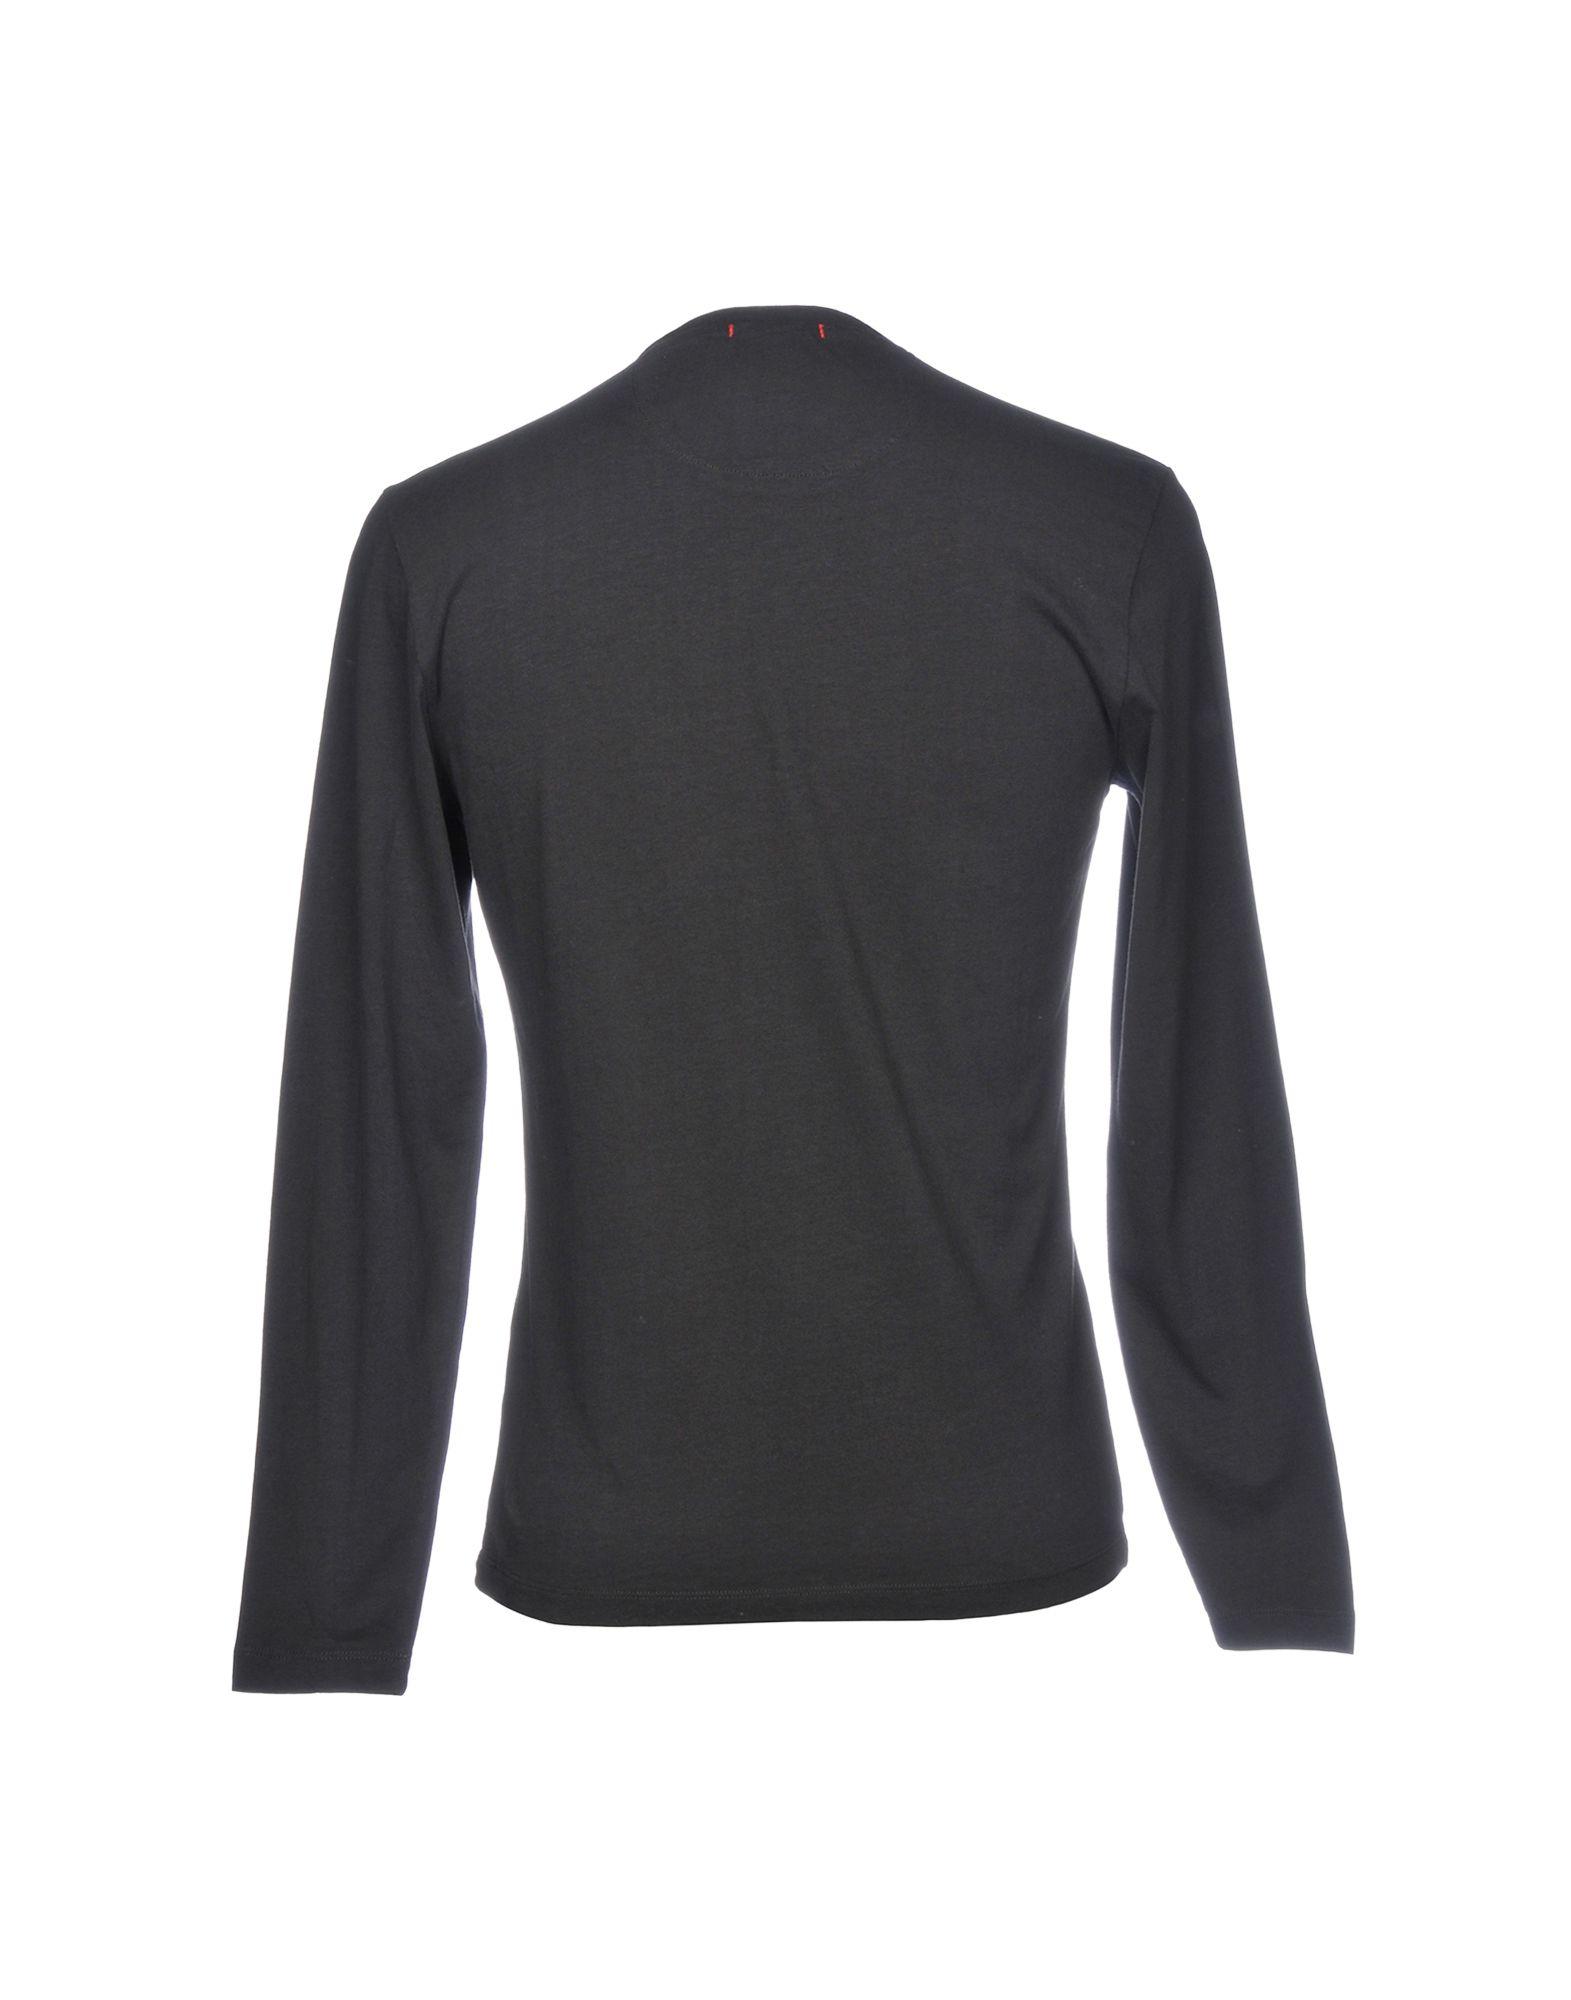 A buon mercato T-Shirt A buon mercato T-Shirt mercato Woolrich Uomo - 12198140VP 8dcdab